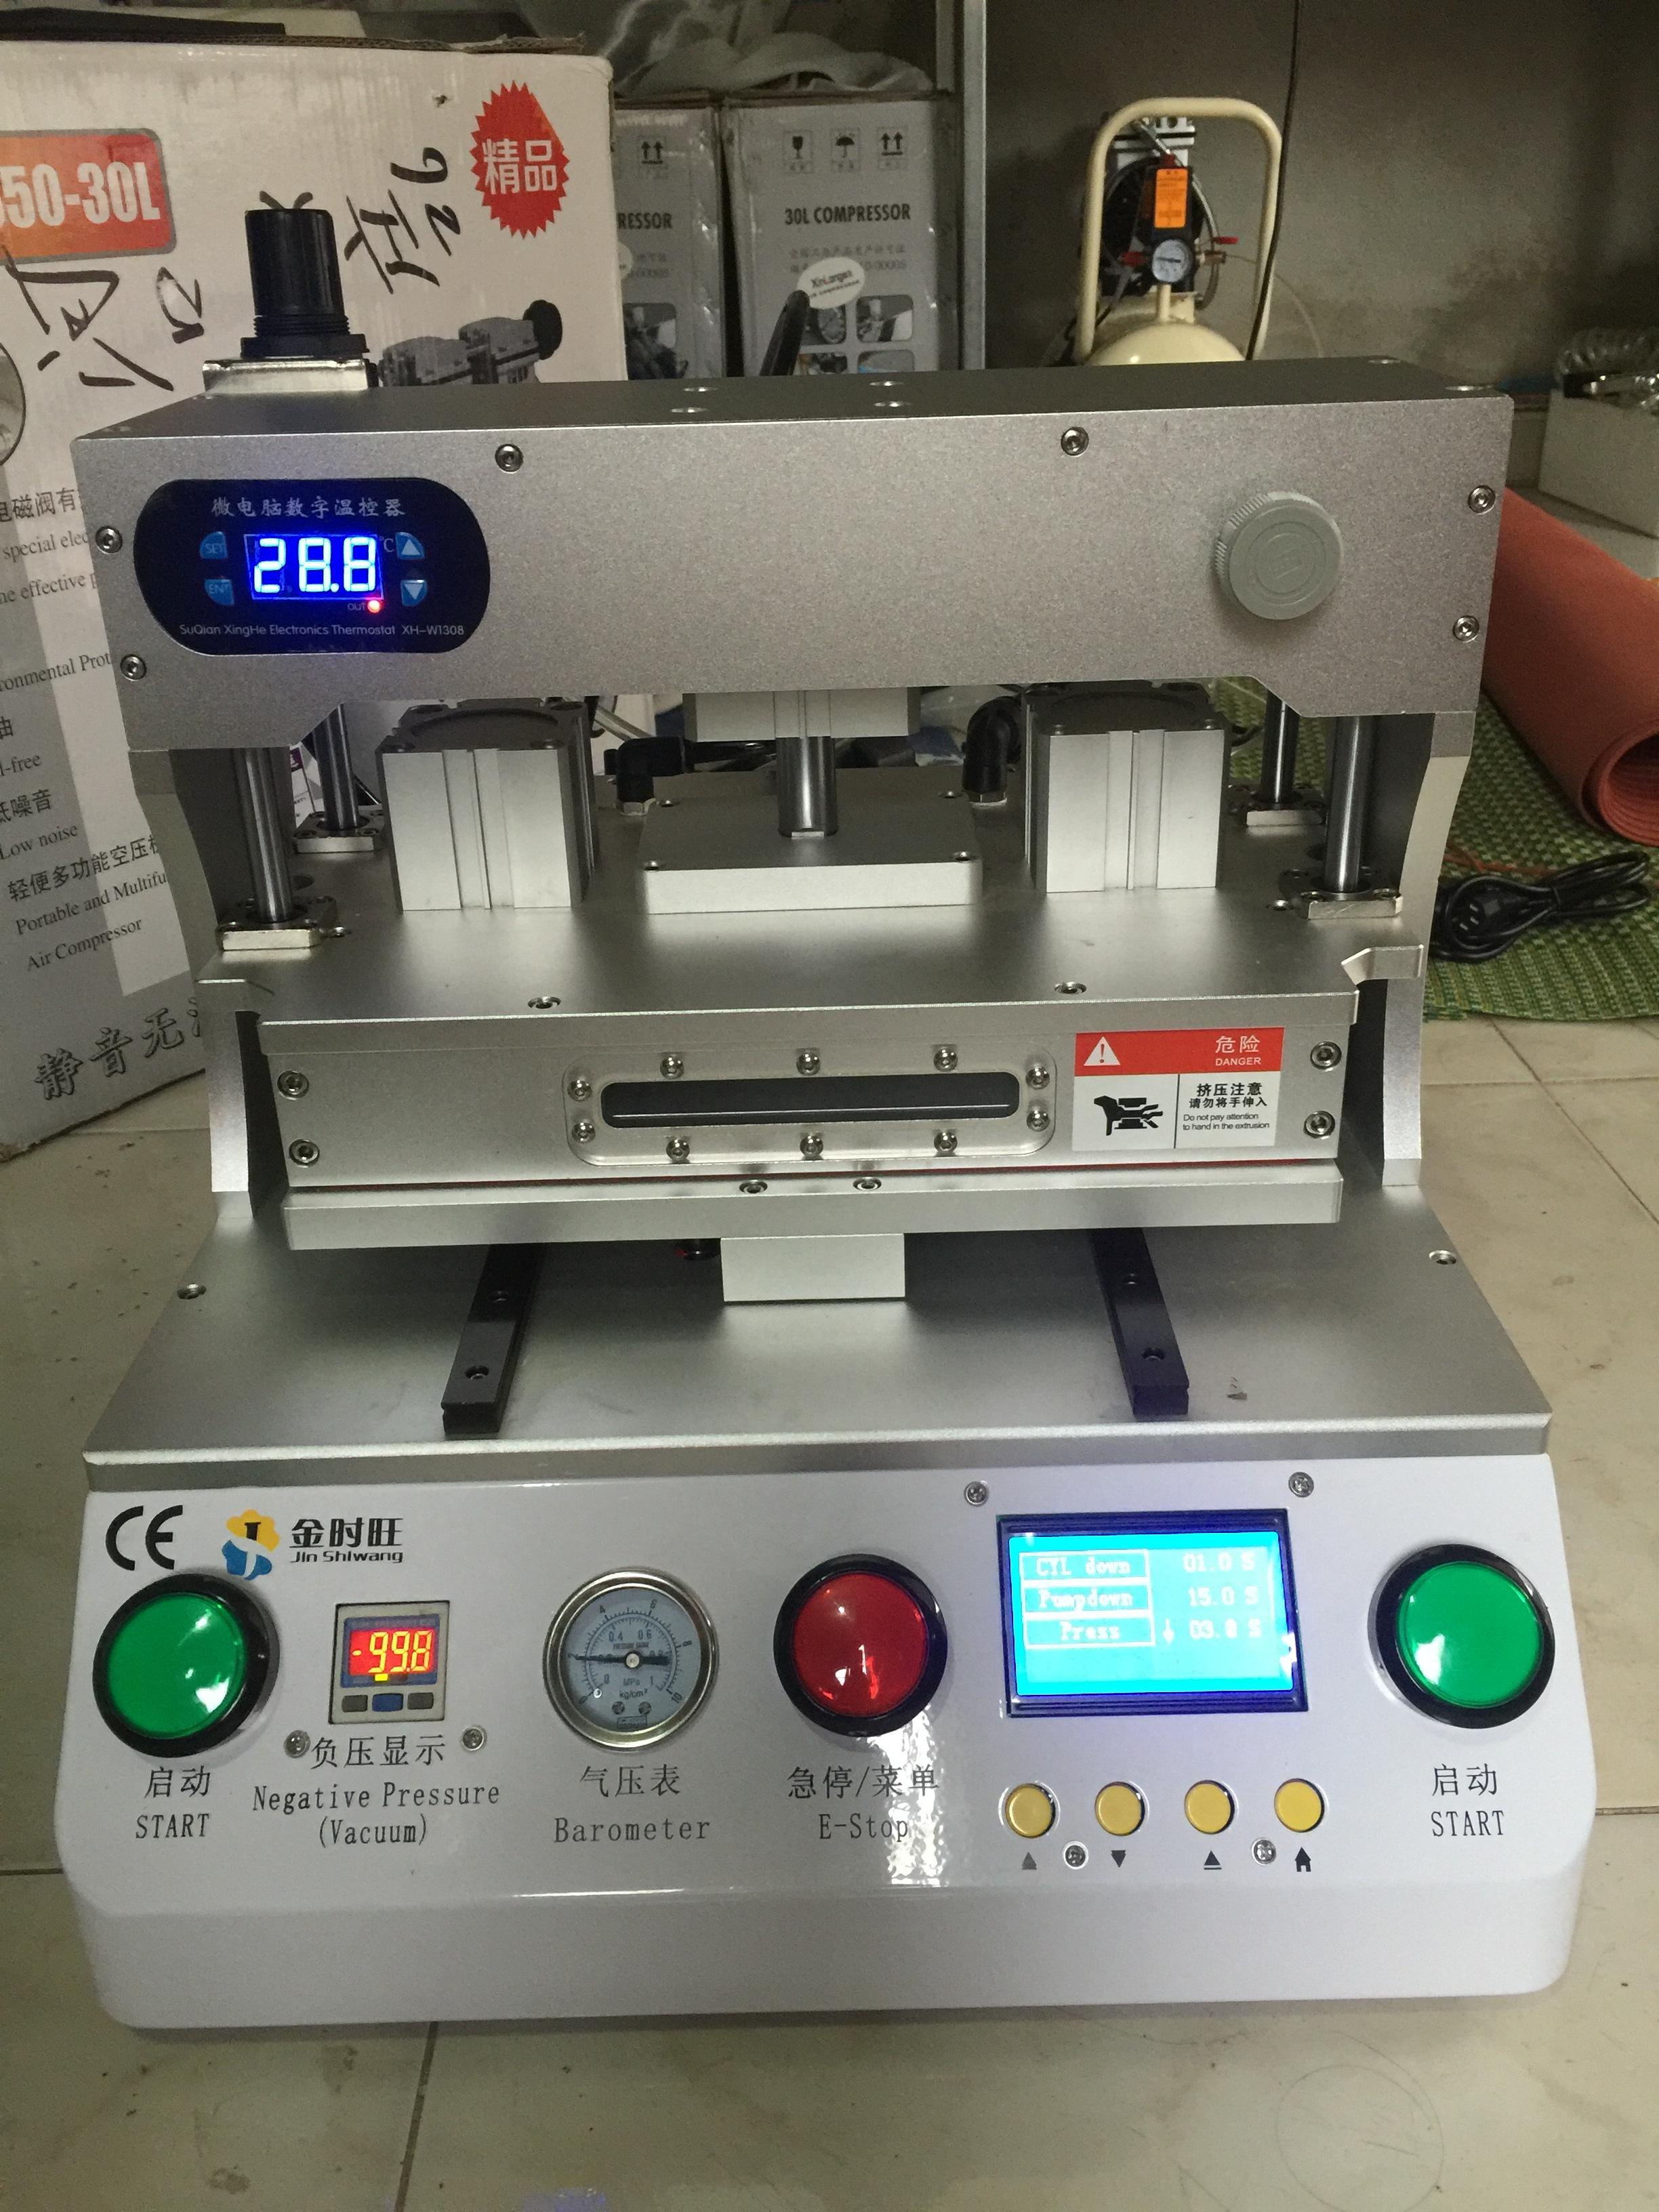 máy ép kính 14 inch nhập khẩu tự động